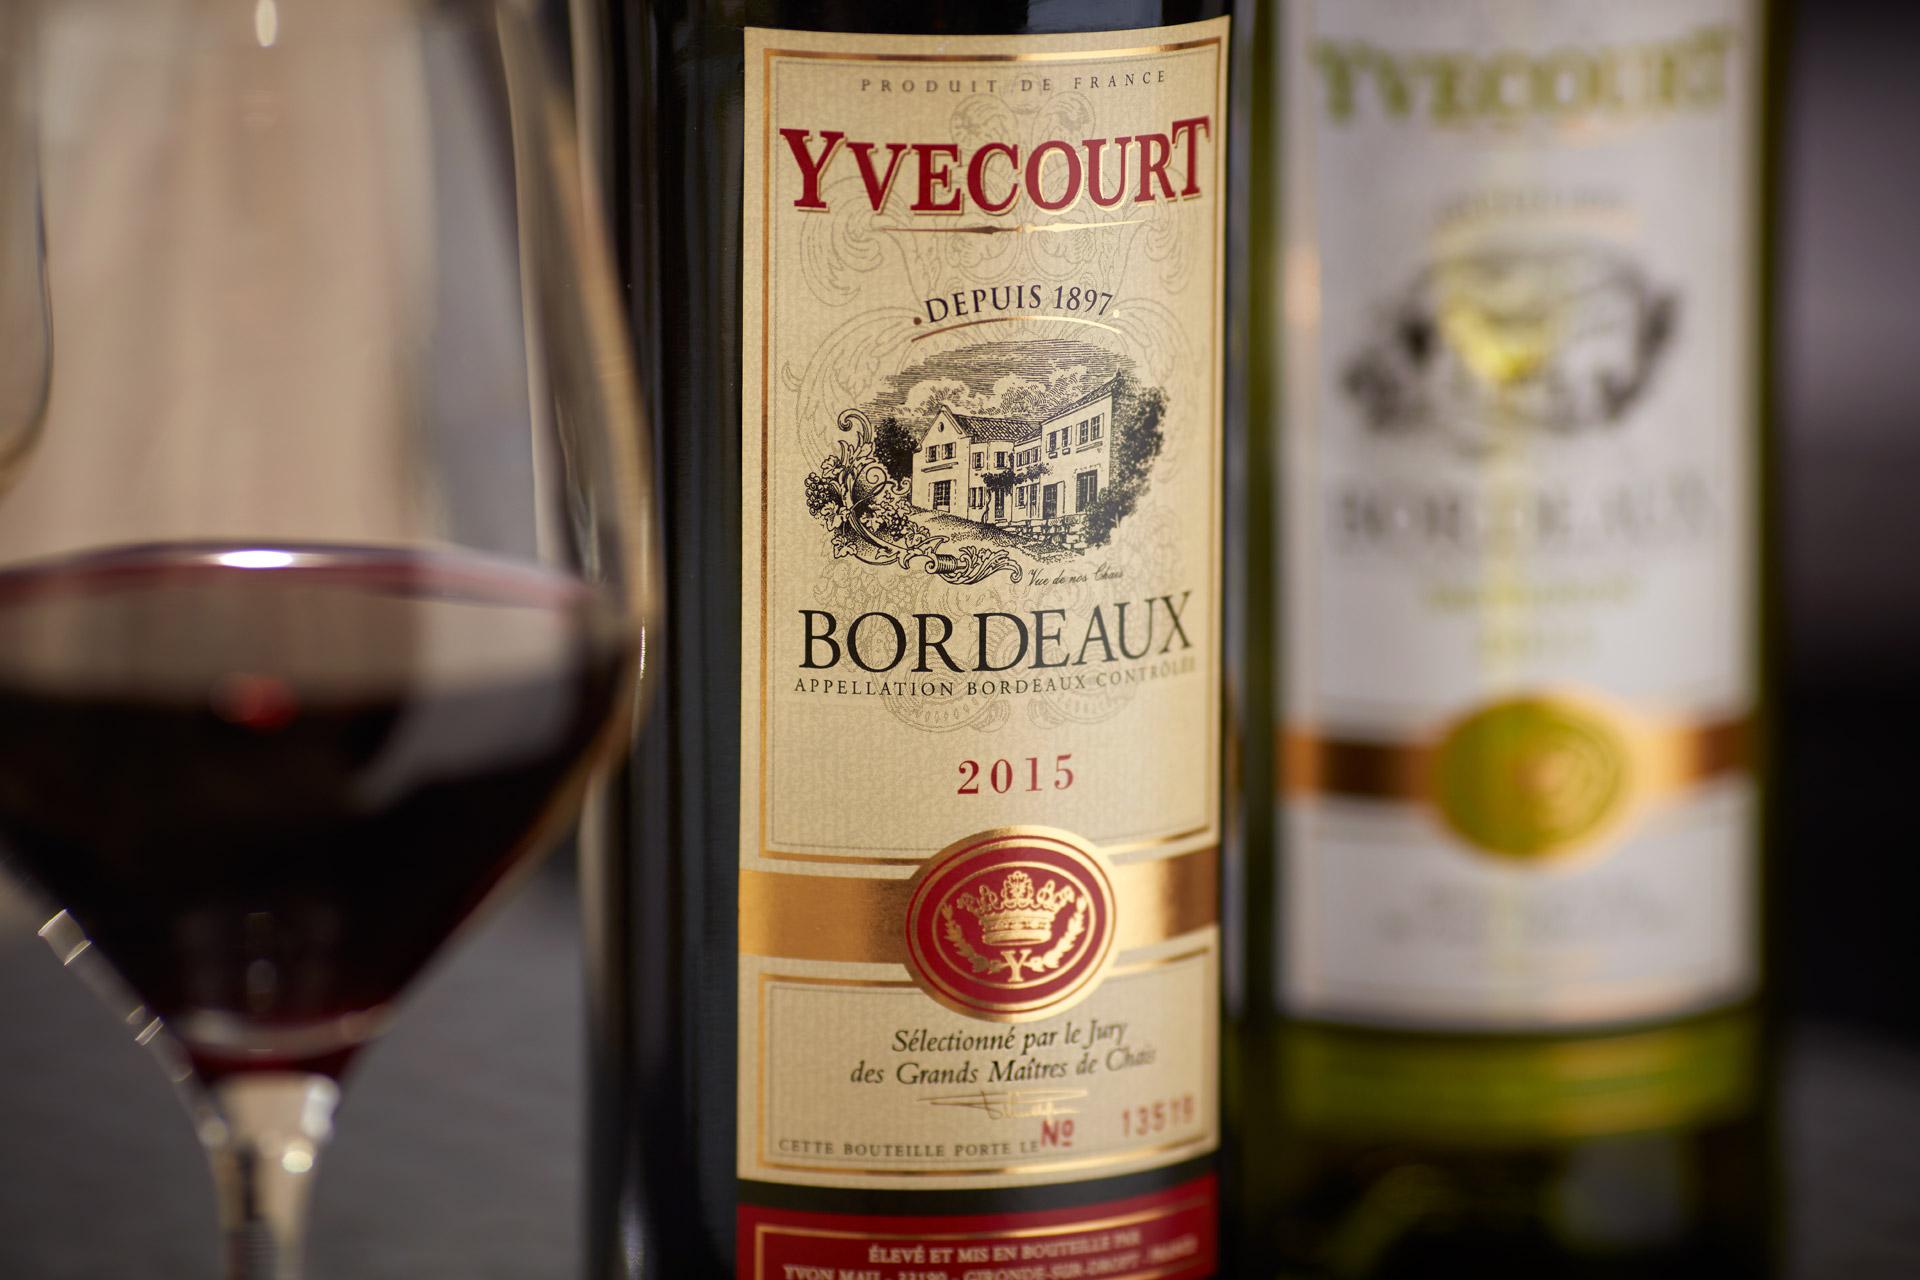 Bordeaux tradition